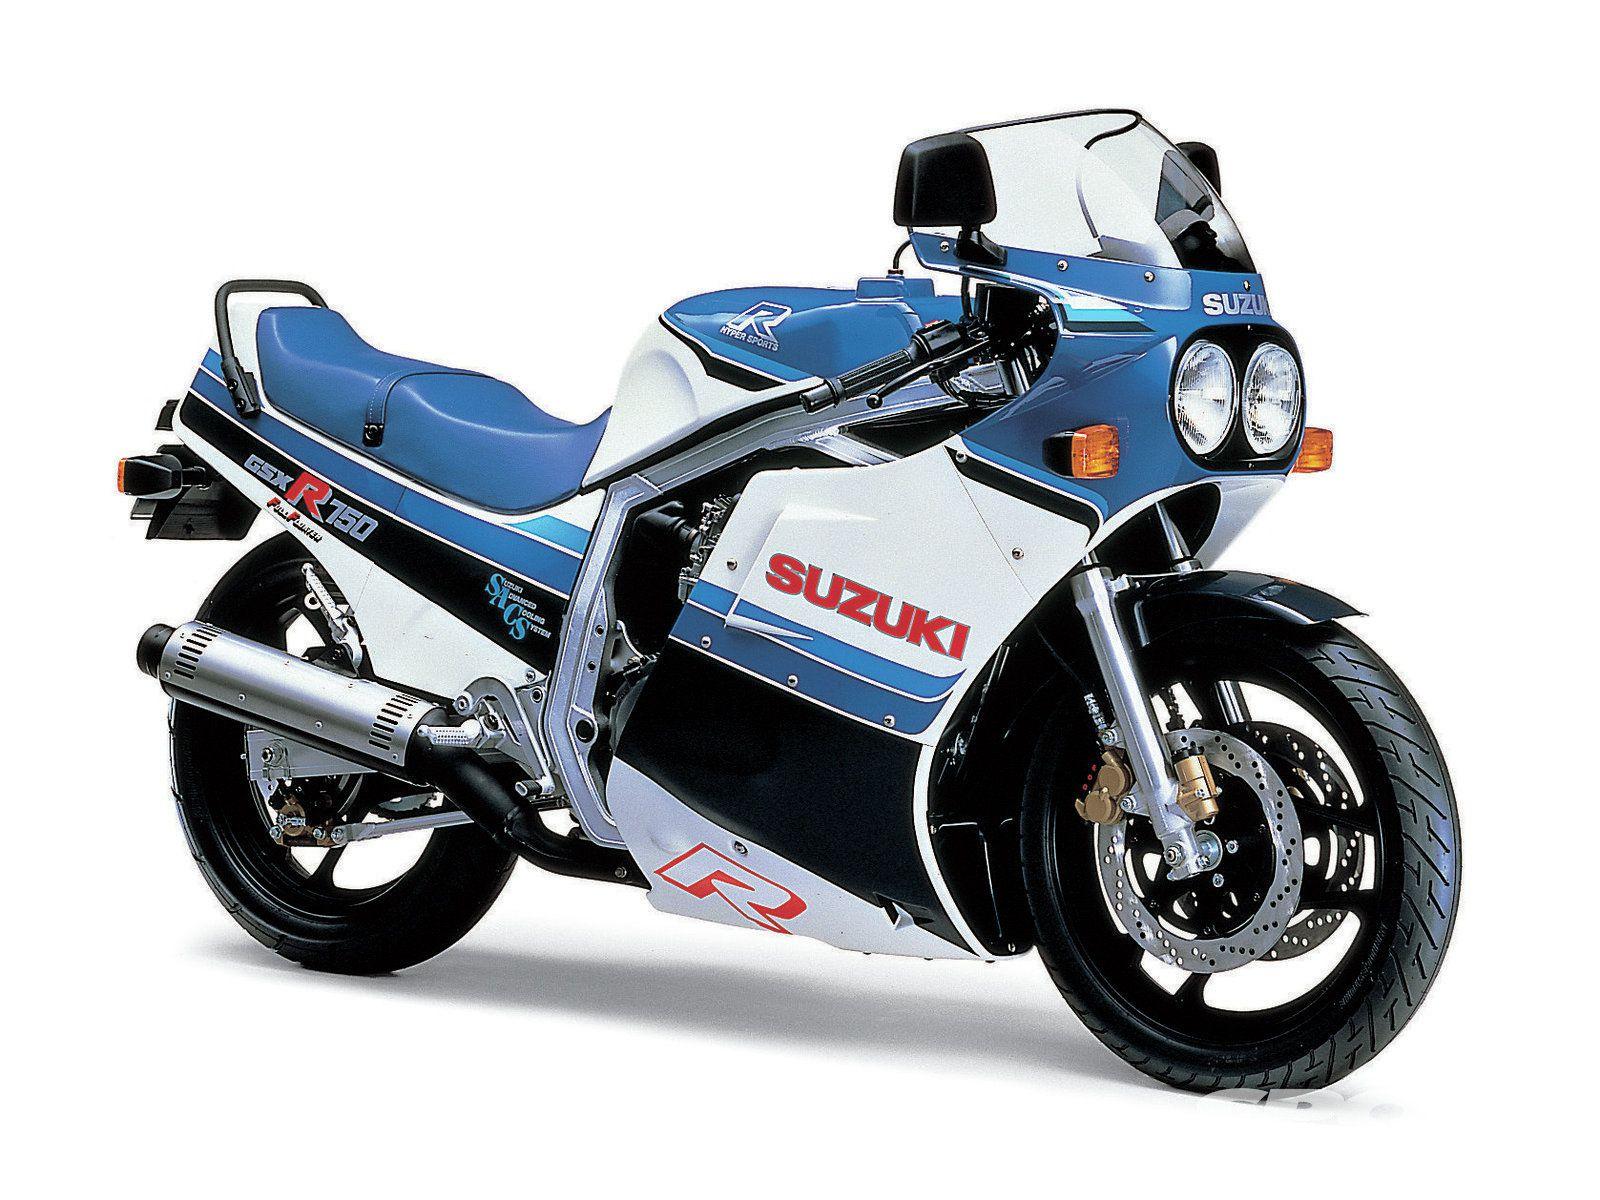 2011 Suzuki GSX-R750 | Cycle World